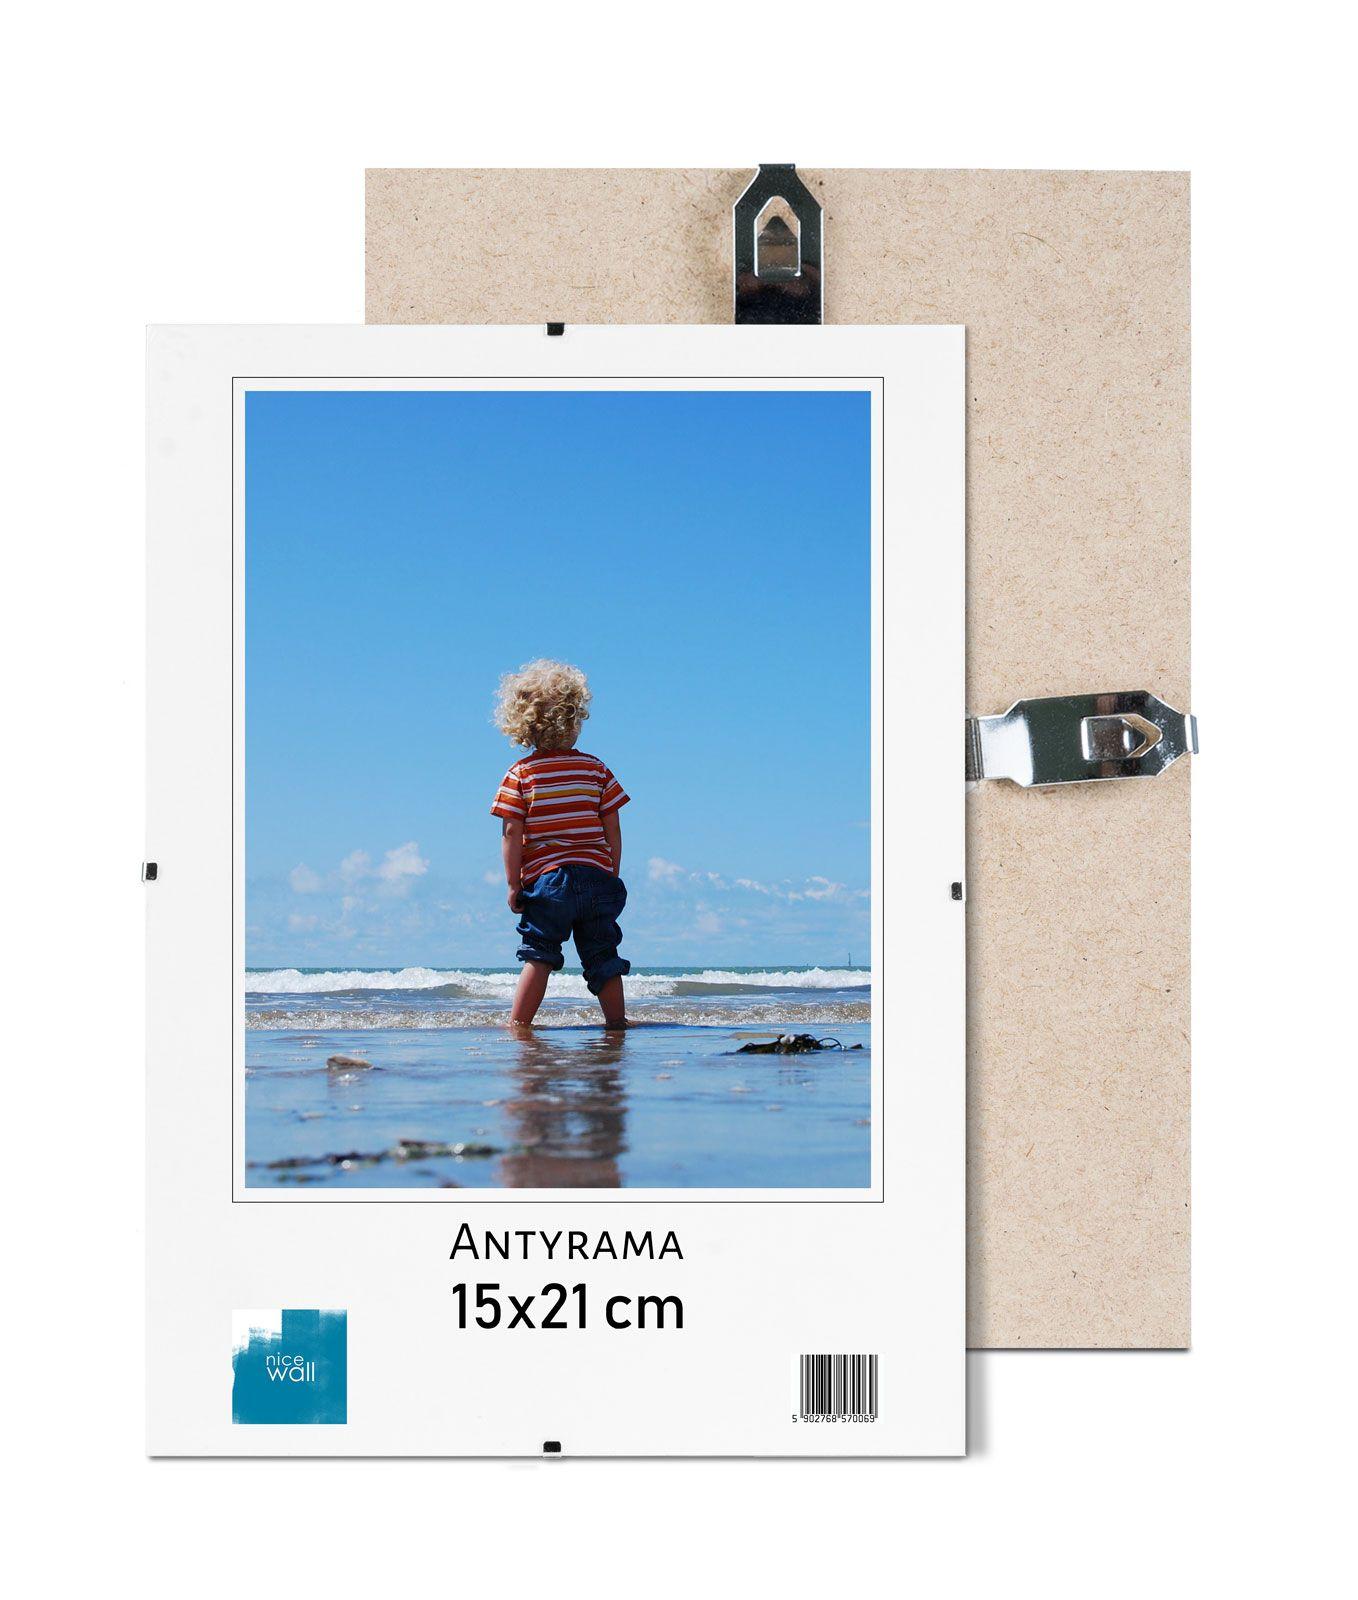 Antirama 15x21cm Antirami A5 FACE 21x15cm